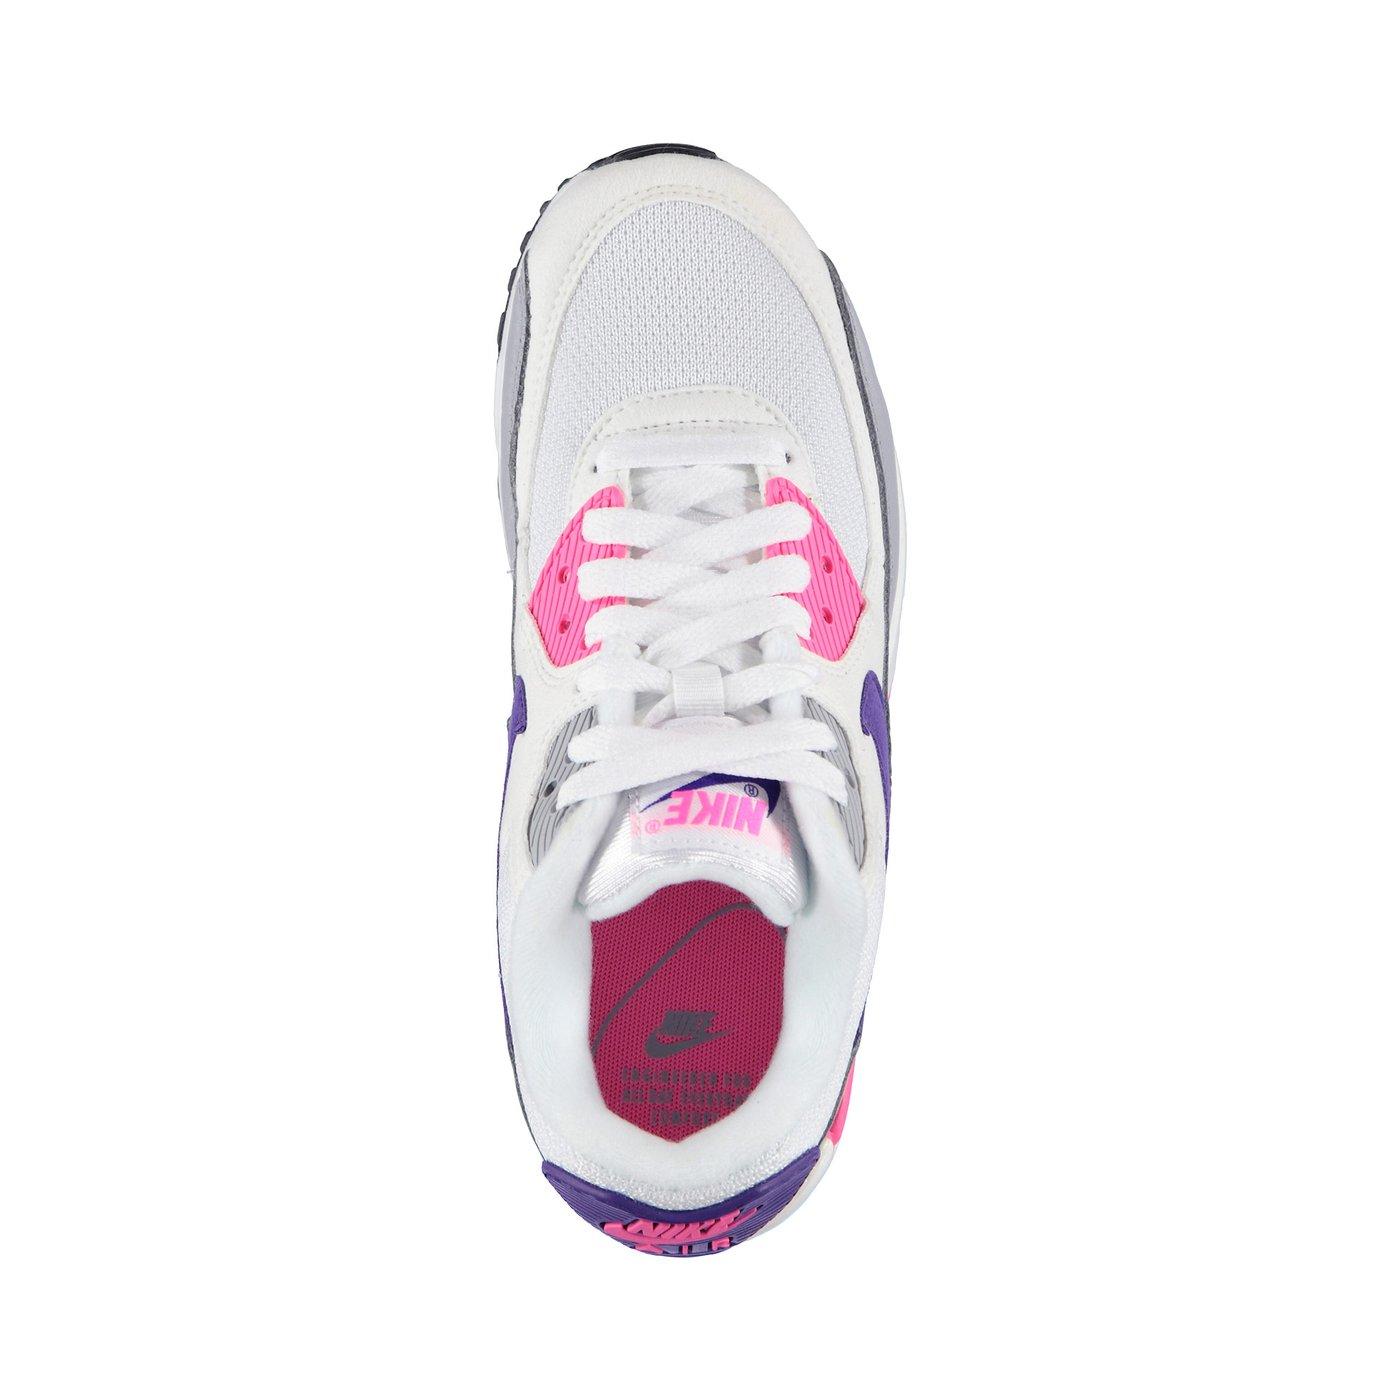 Nıke Aır Max 90 Leather Kadın Beyaz Sneaker